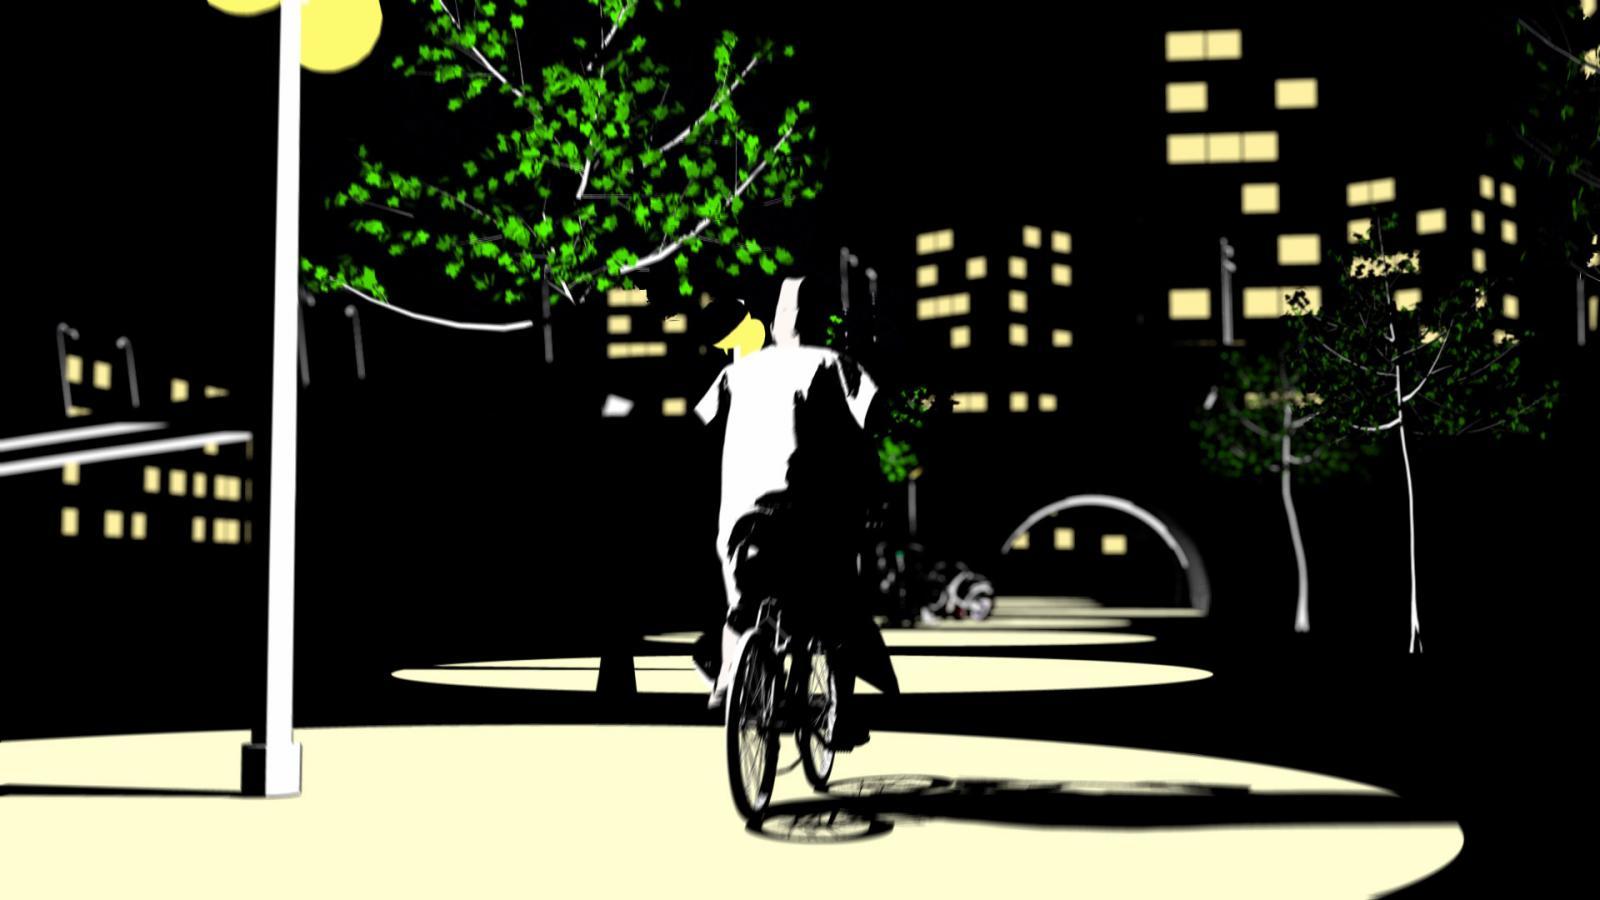 Court métrage La marque de Digout Michel (2011)